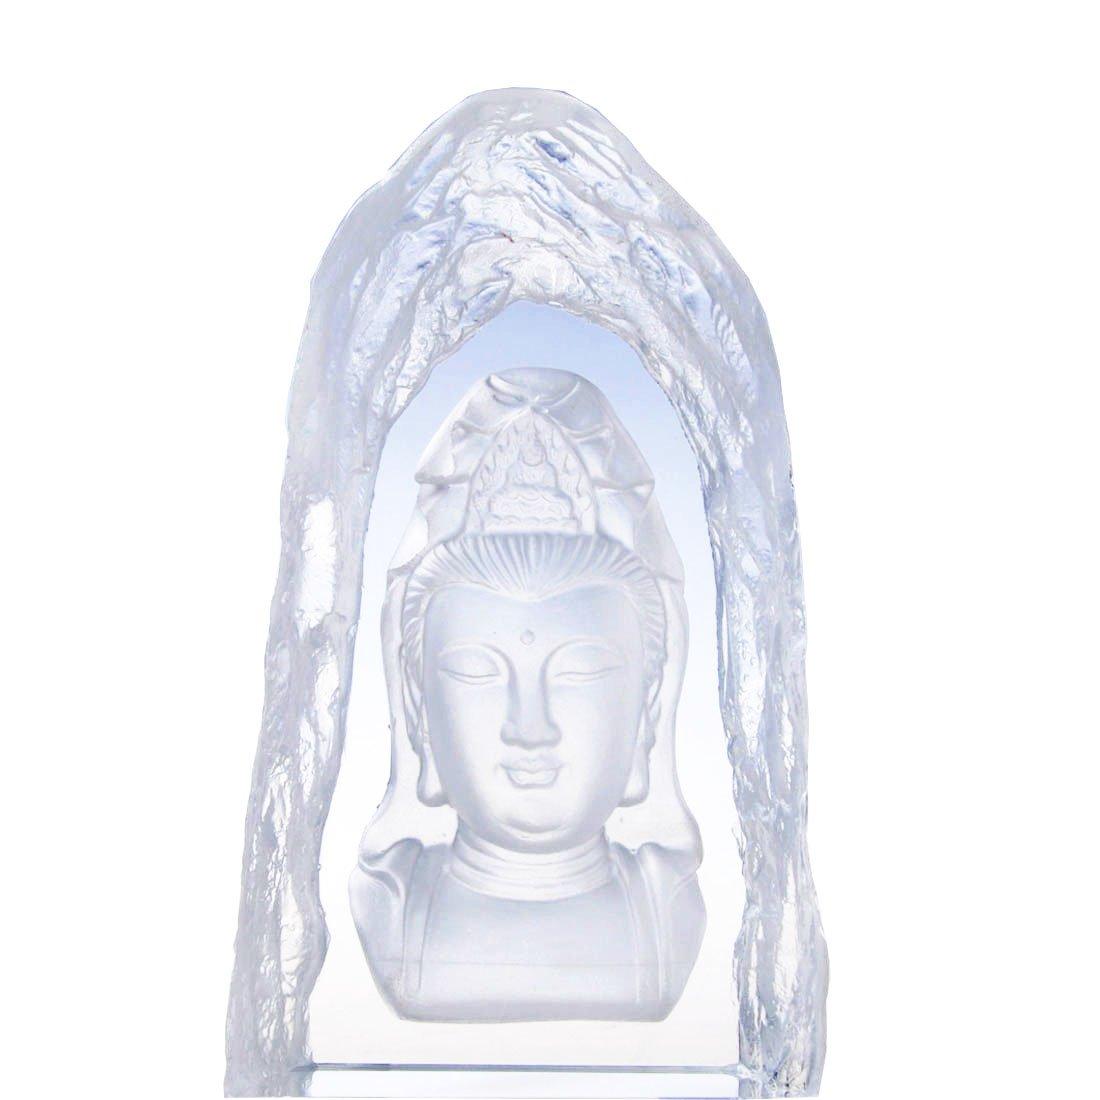 H&D Buddhist Goddess Kuan-yin (Guanyin) Decorative Figurine 7.84.6 inch by H&D